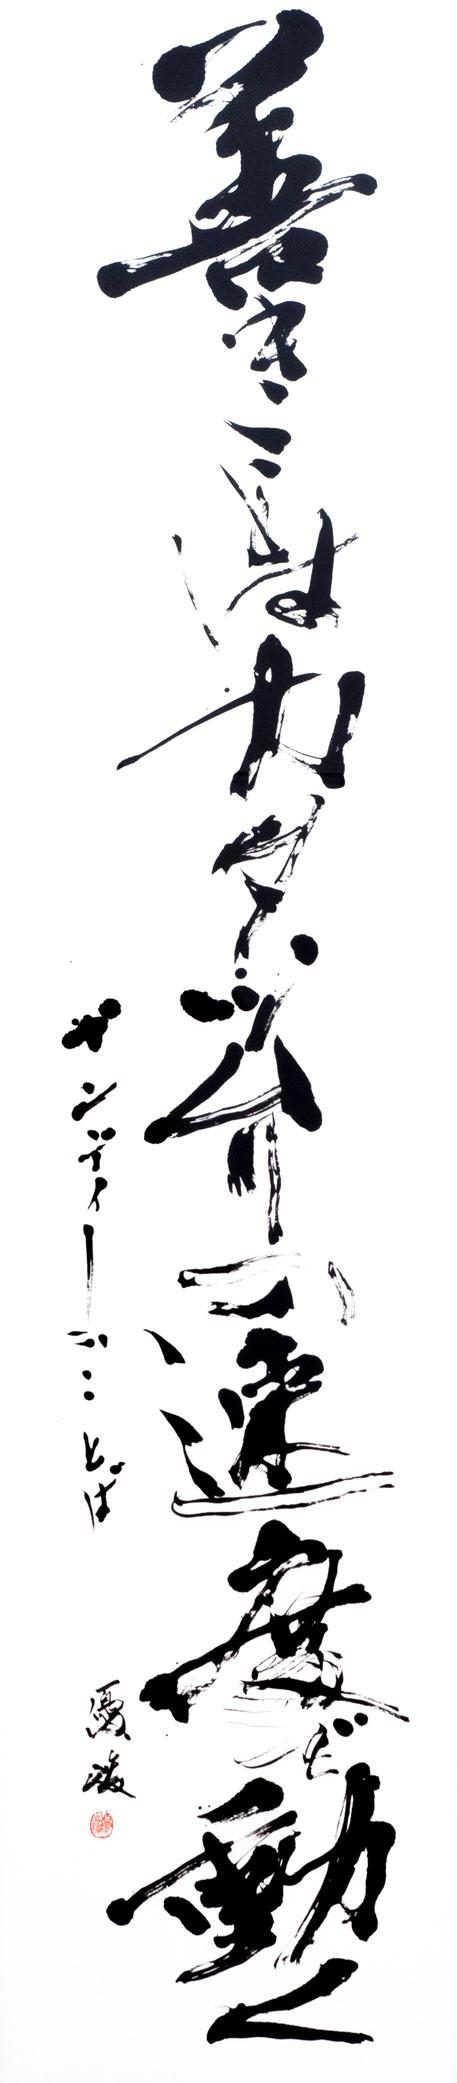 2017-jp-shodo-inspiration-378.jpg